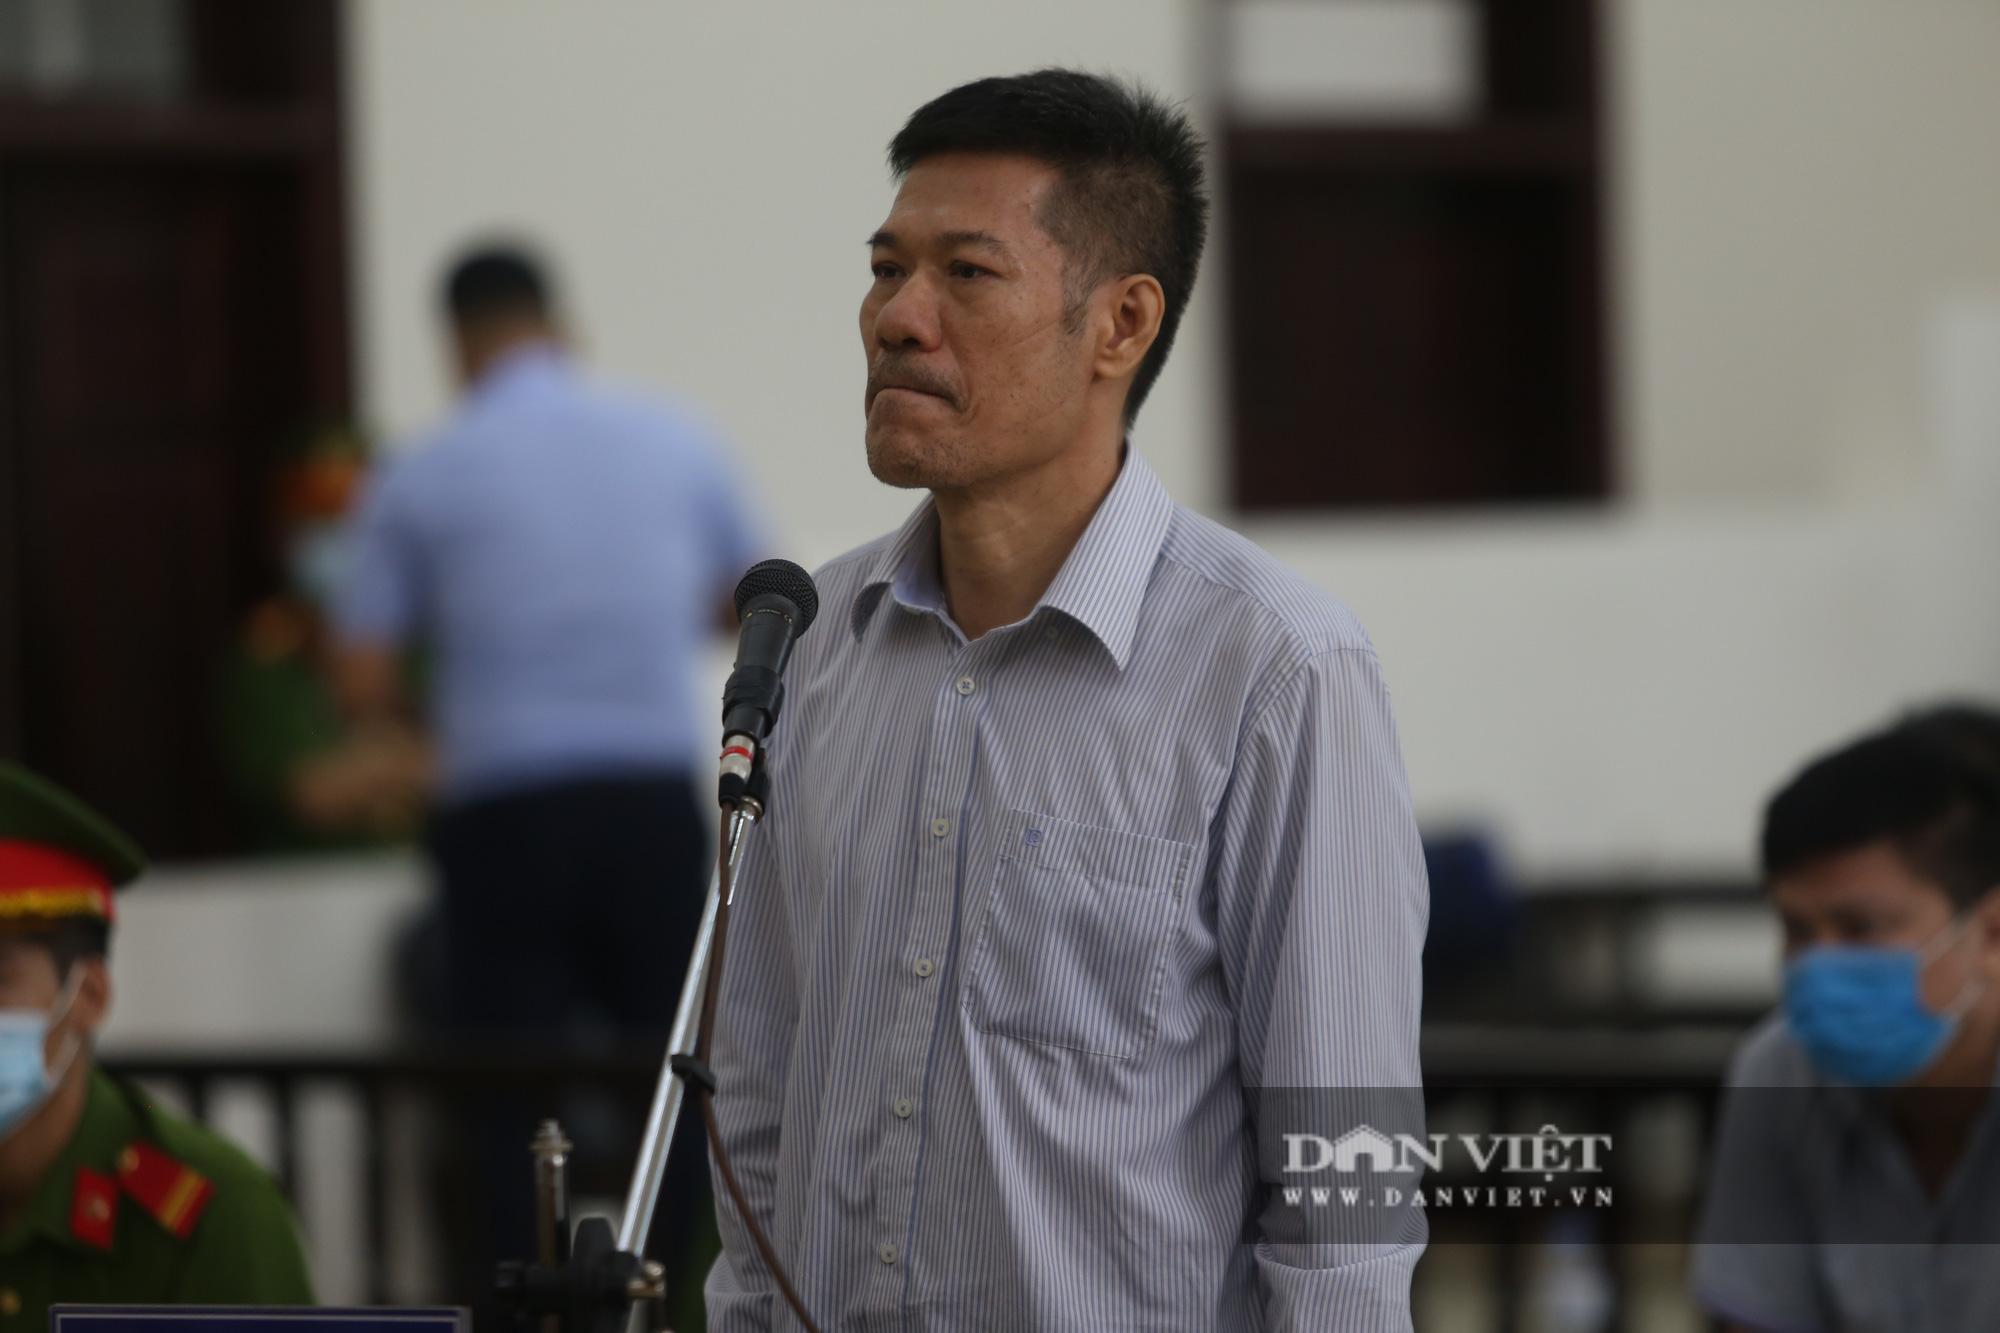 430 bác sĩ trên cả nước ký đơn xin giảm nhẹ cho cựu Giám đốc CDC Nguyễn Nhật Cảm - Ảnh 1.